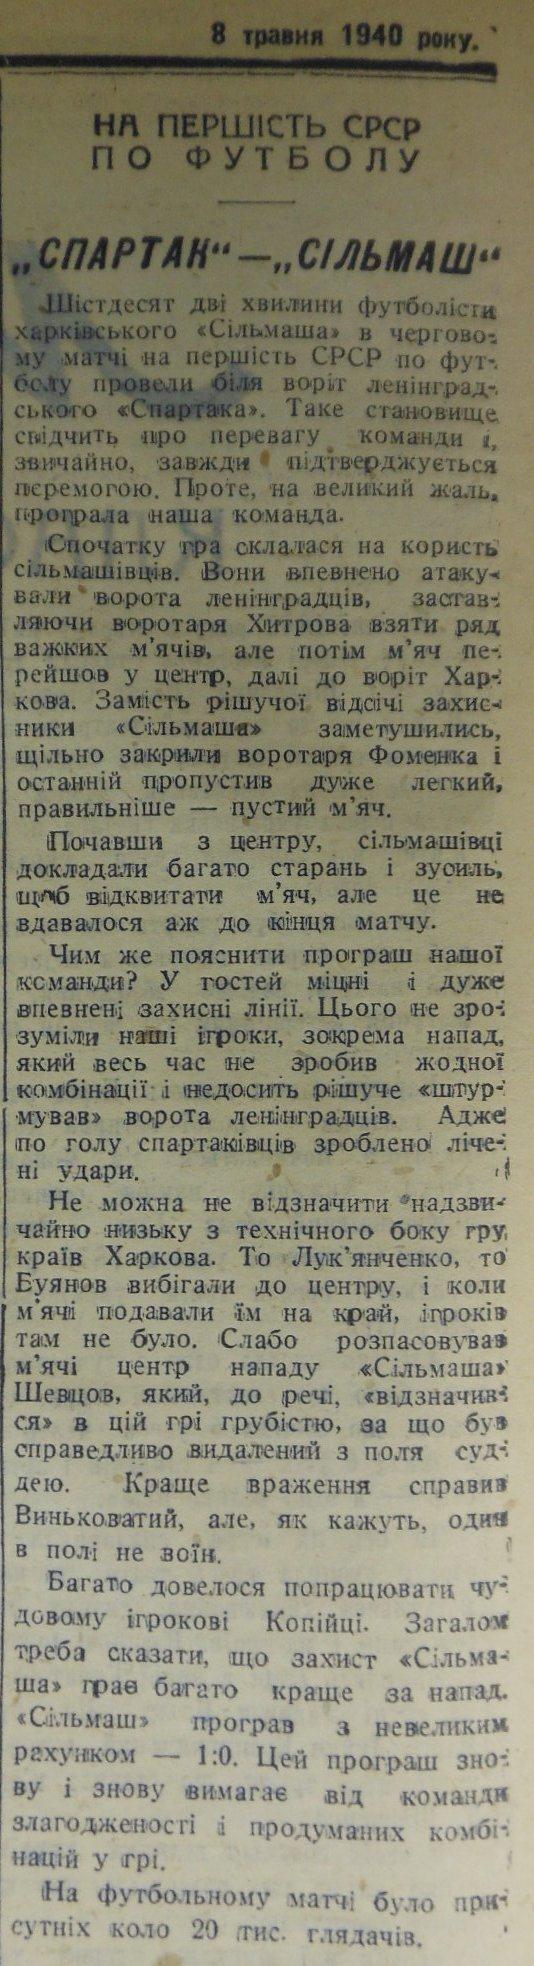 Сельмаш (Харьков) - Спартак (Ленинград) 0:1